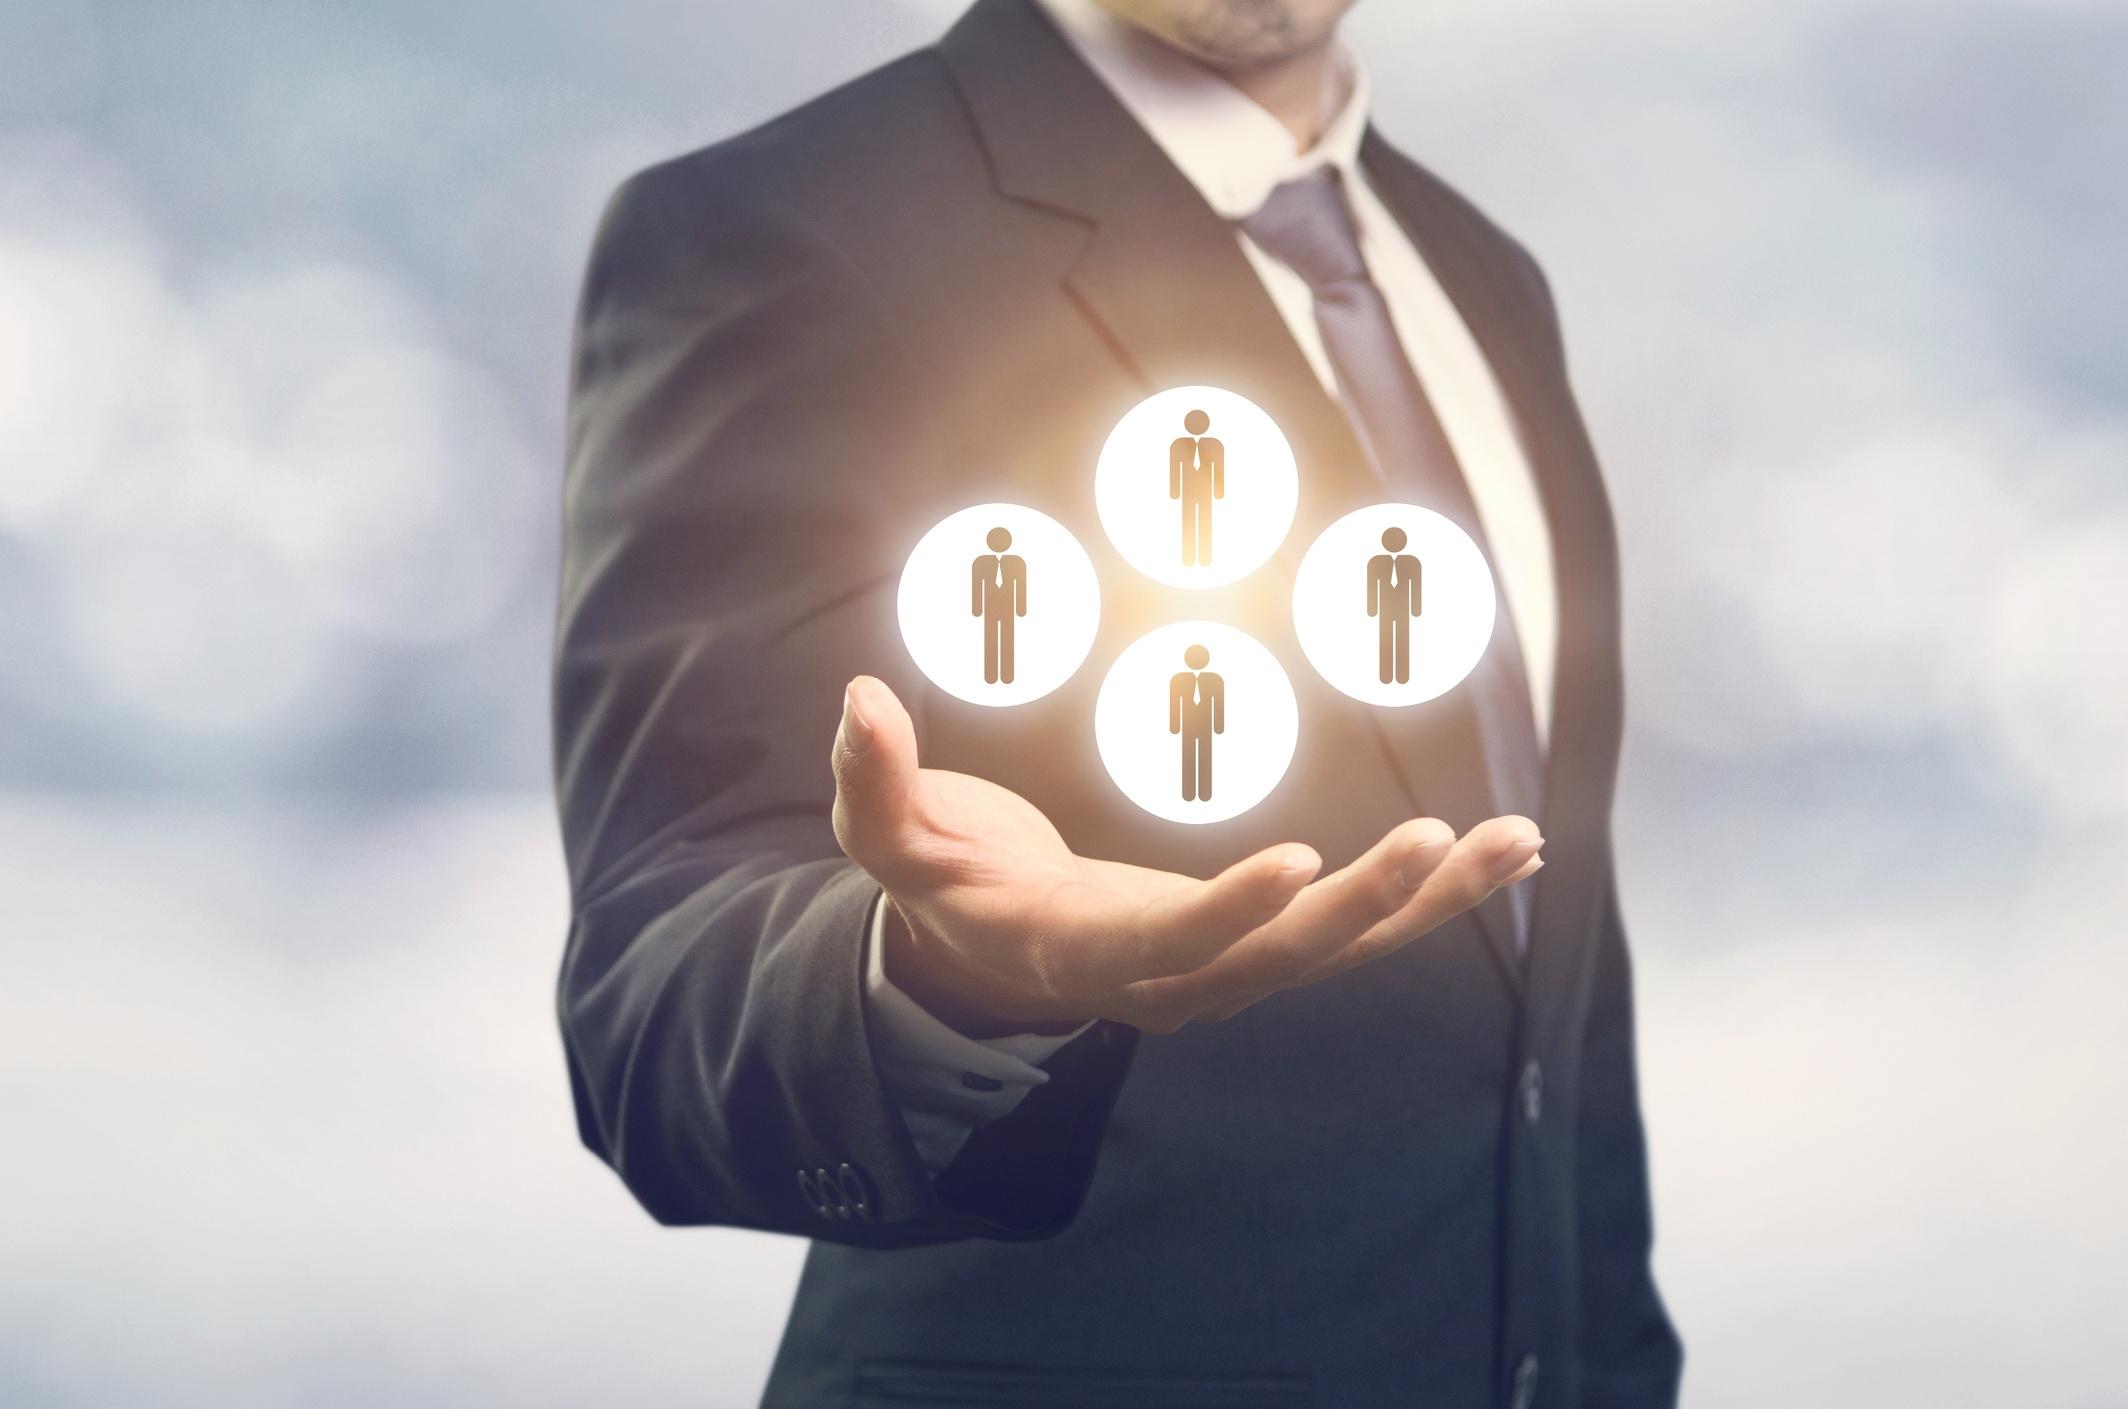 La calidad de los datos es la clave del éxito de una base de datos de clientes